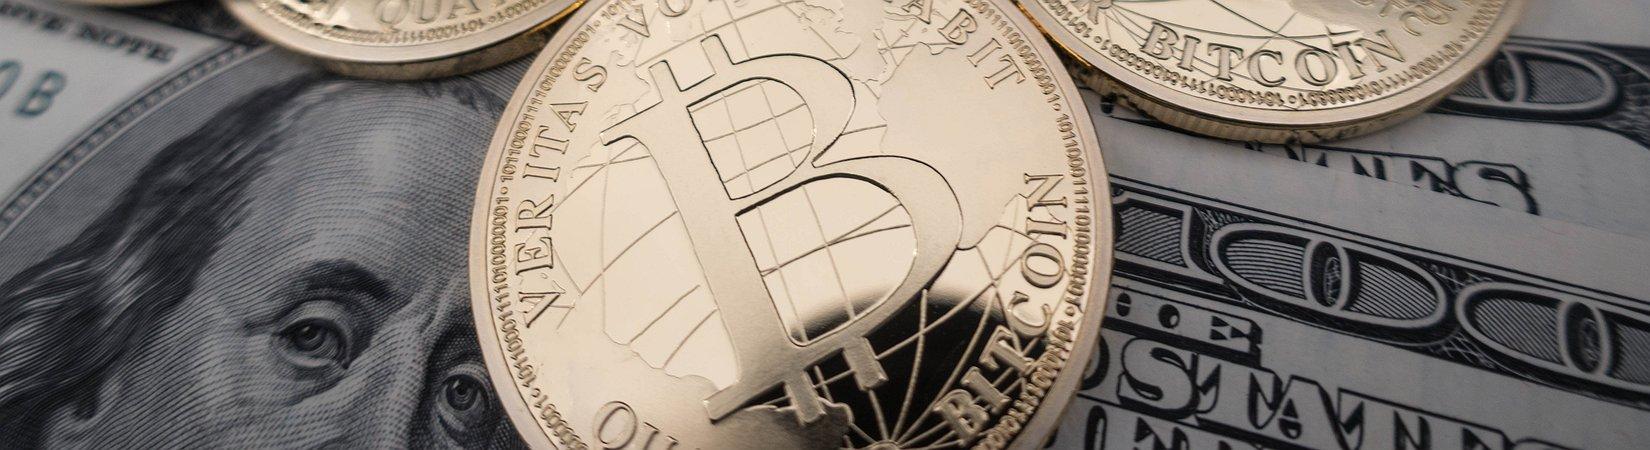 Il bitcoin continua a correre e supera quota 13.000 dollari